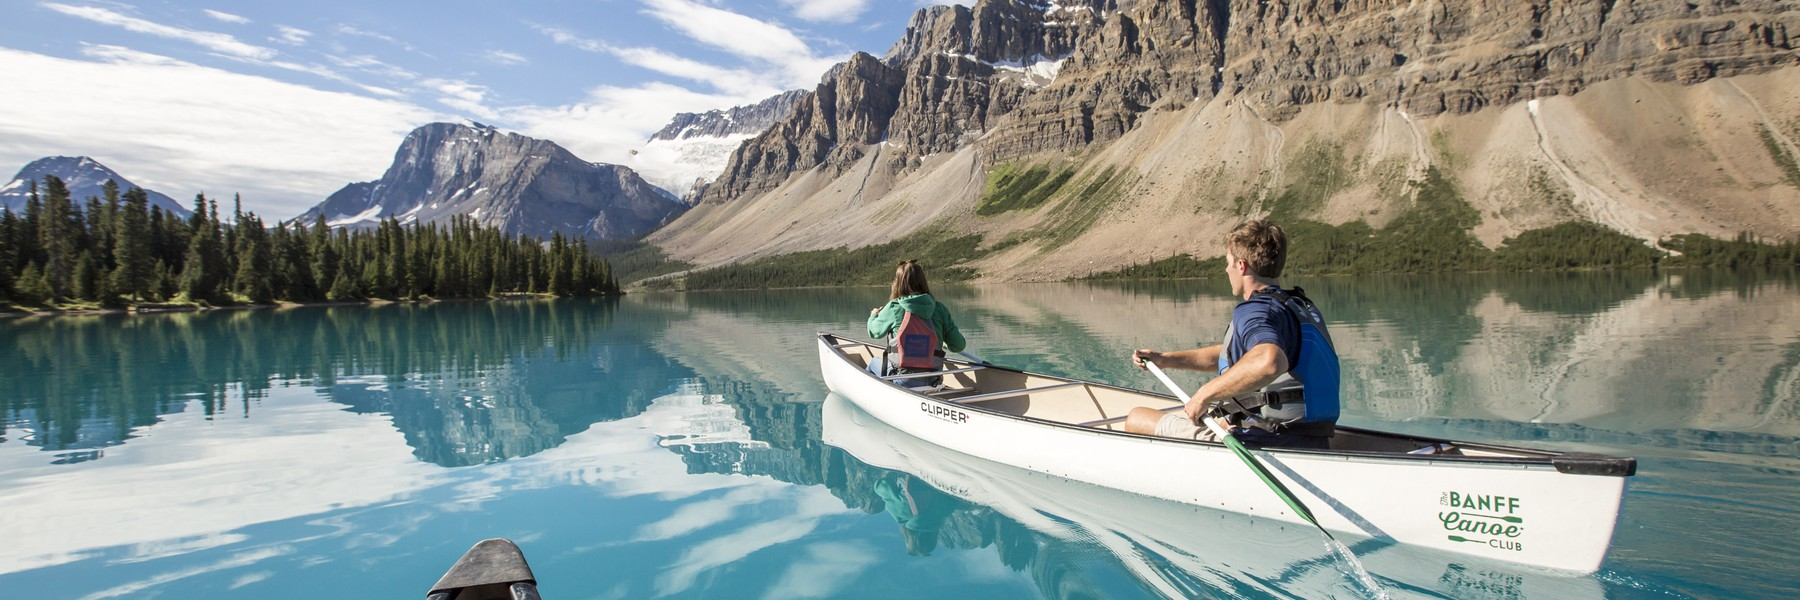 Photo credits: Banff Lake Louise Tourism